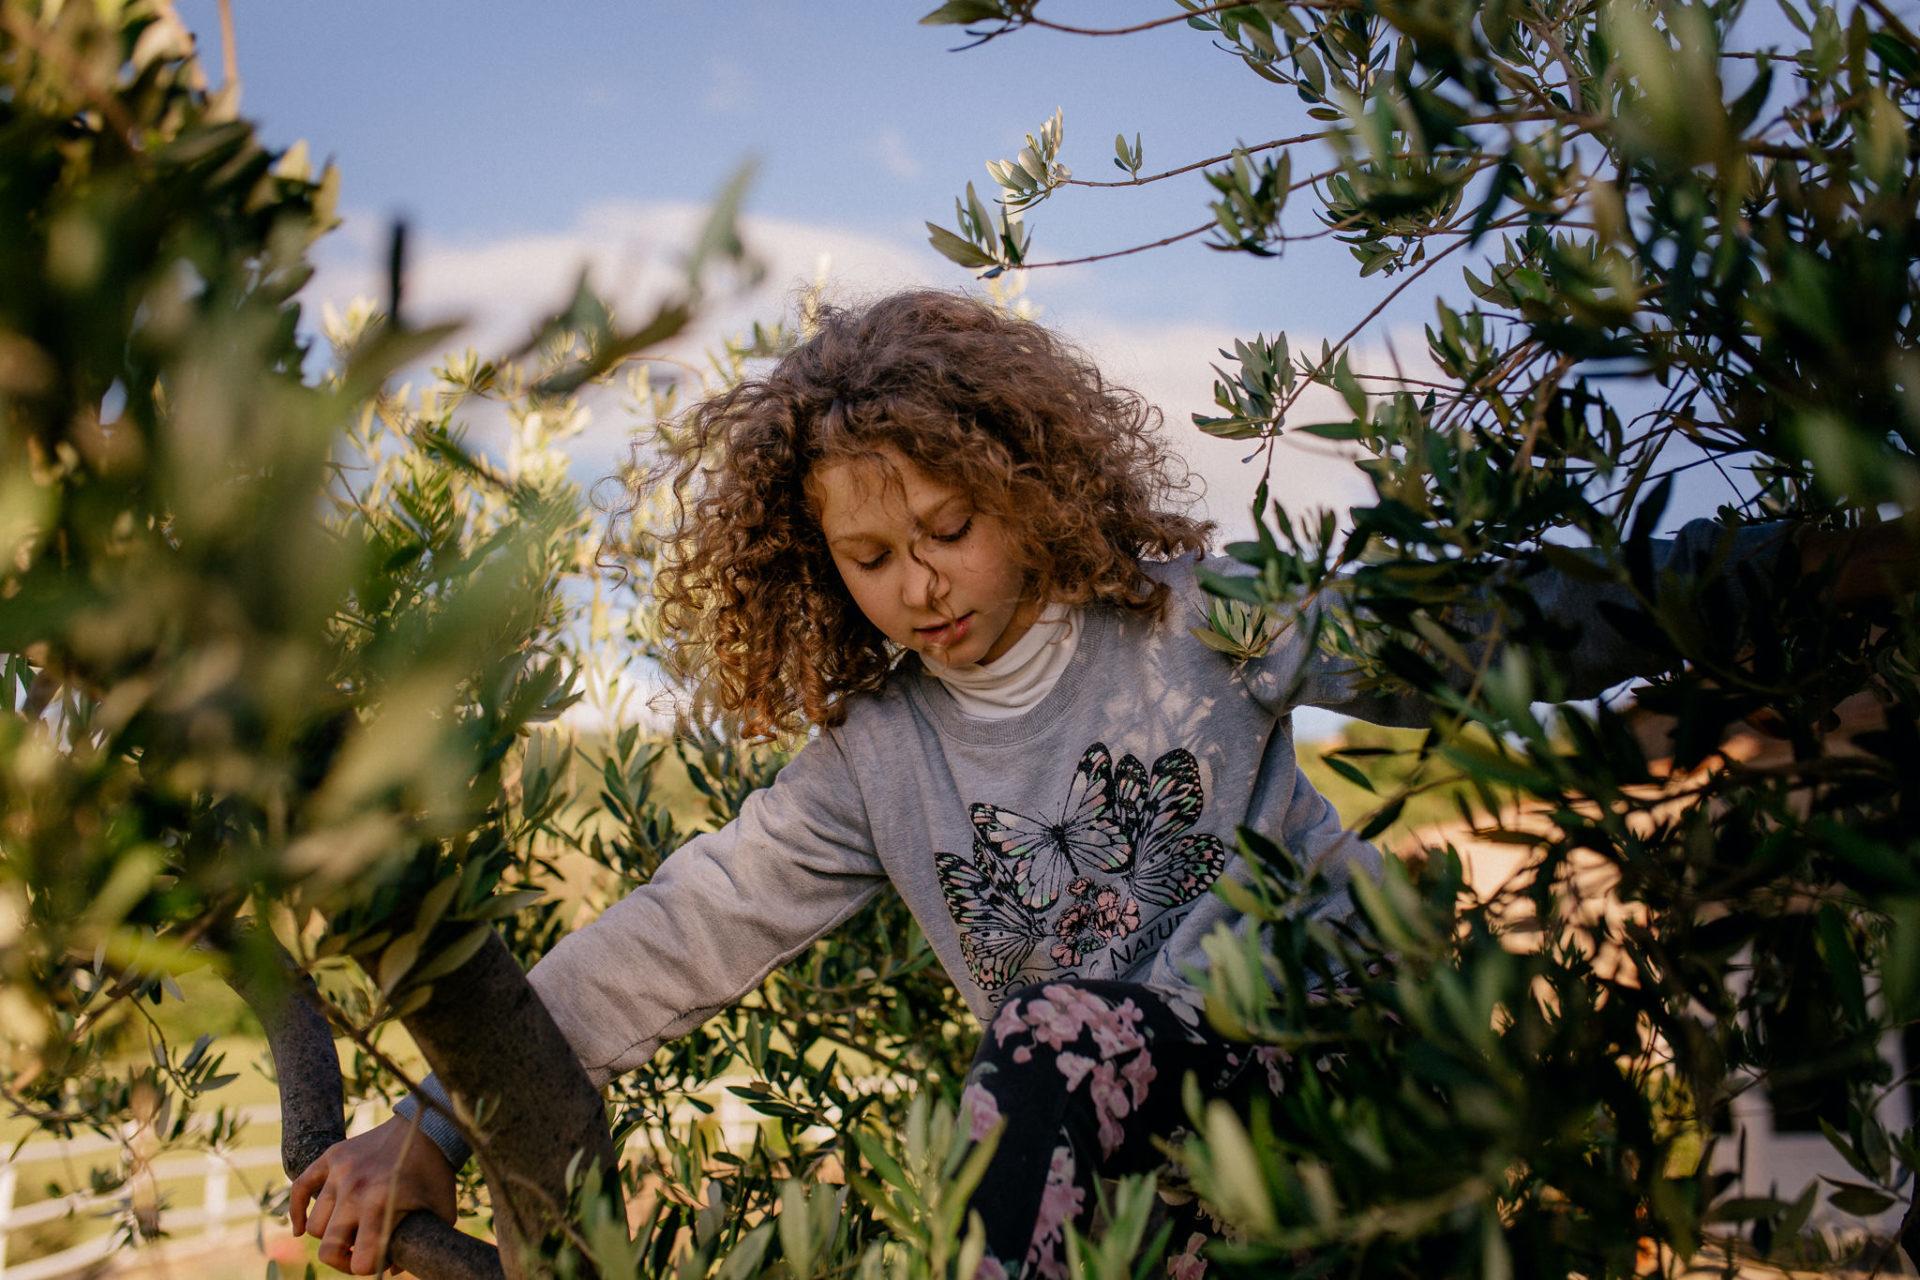 Familienbilder Urlaub-Family Fusion Italien-lebhafte Familie-italienischer Spirit-Dimora Santa Margherita-Ungestellte Familienbilder-Olivenbaum klettern-wilde locken Mädchen